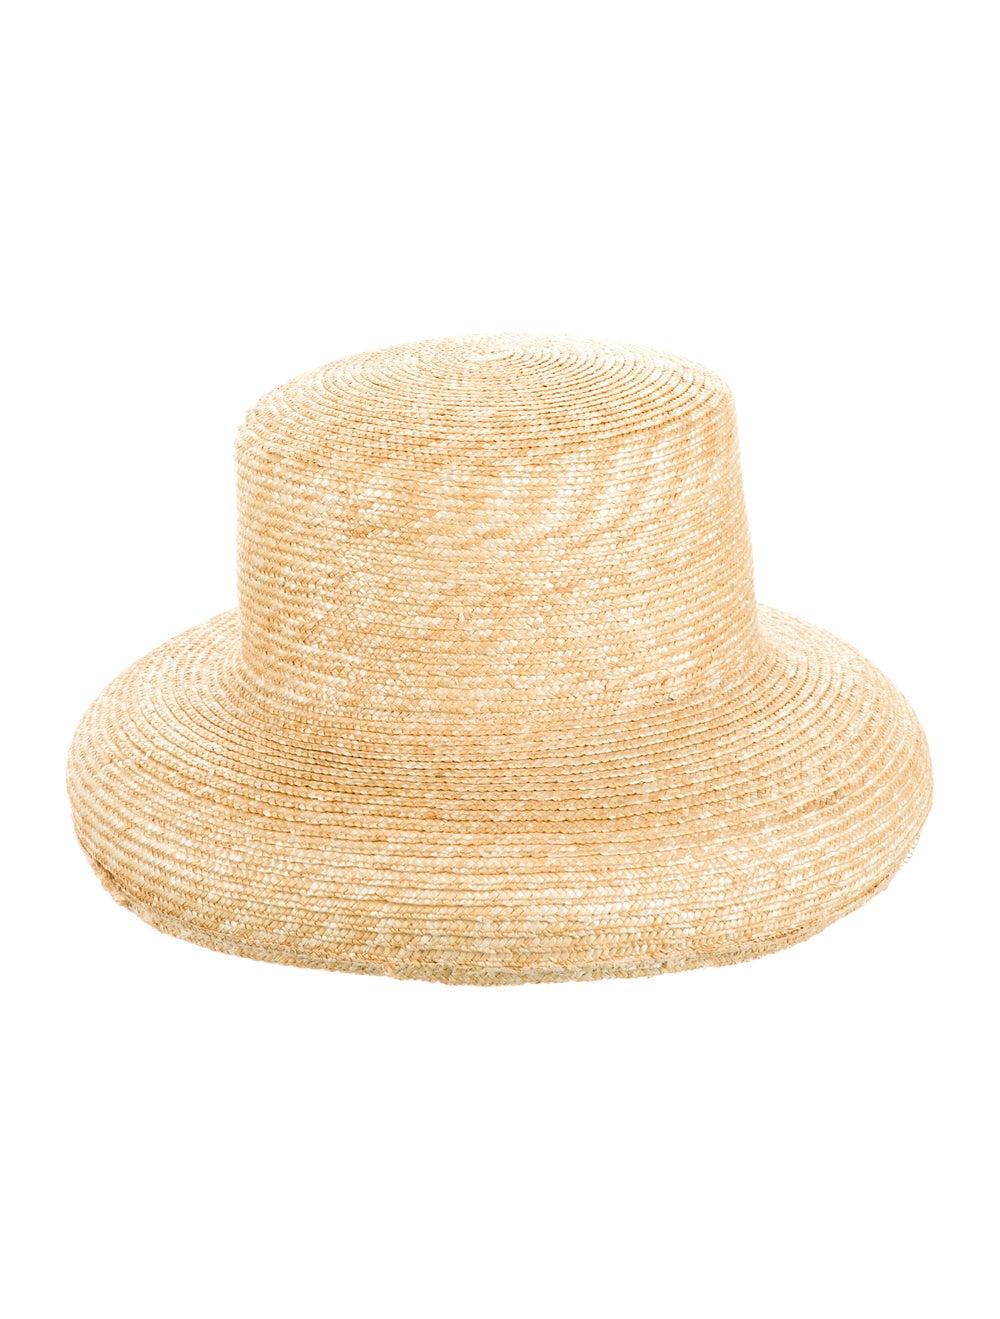 Janessa Leone Straw Wide Brim Hat - image 1